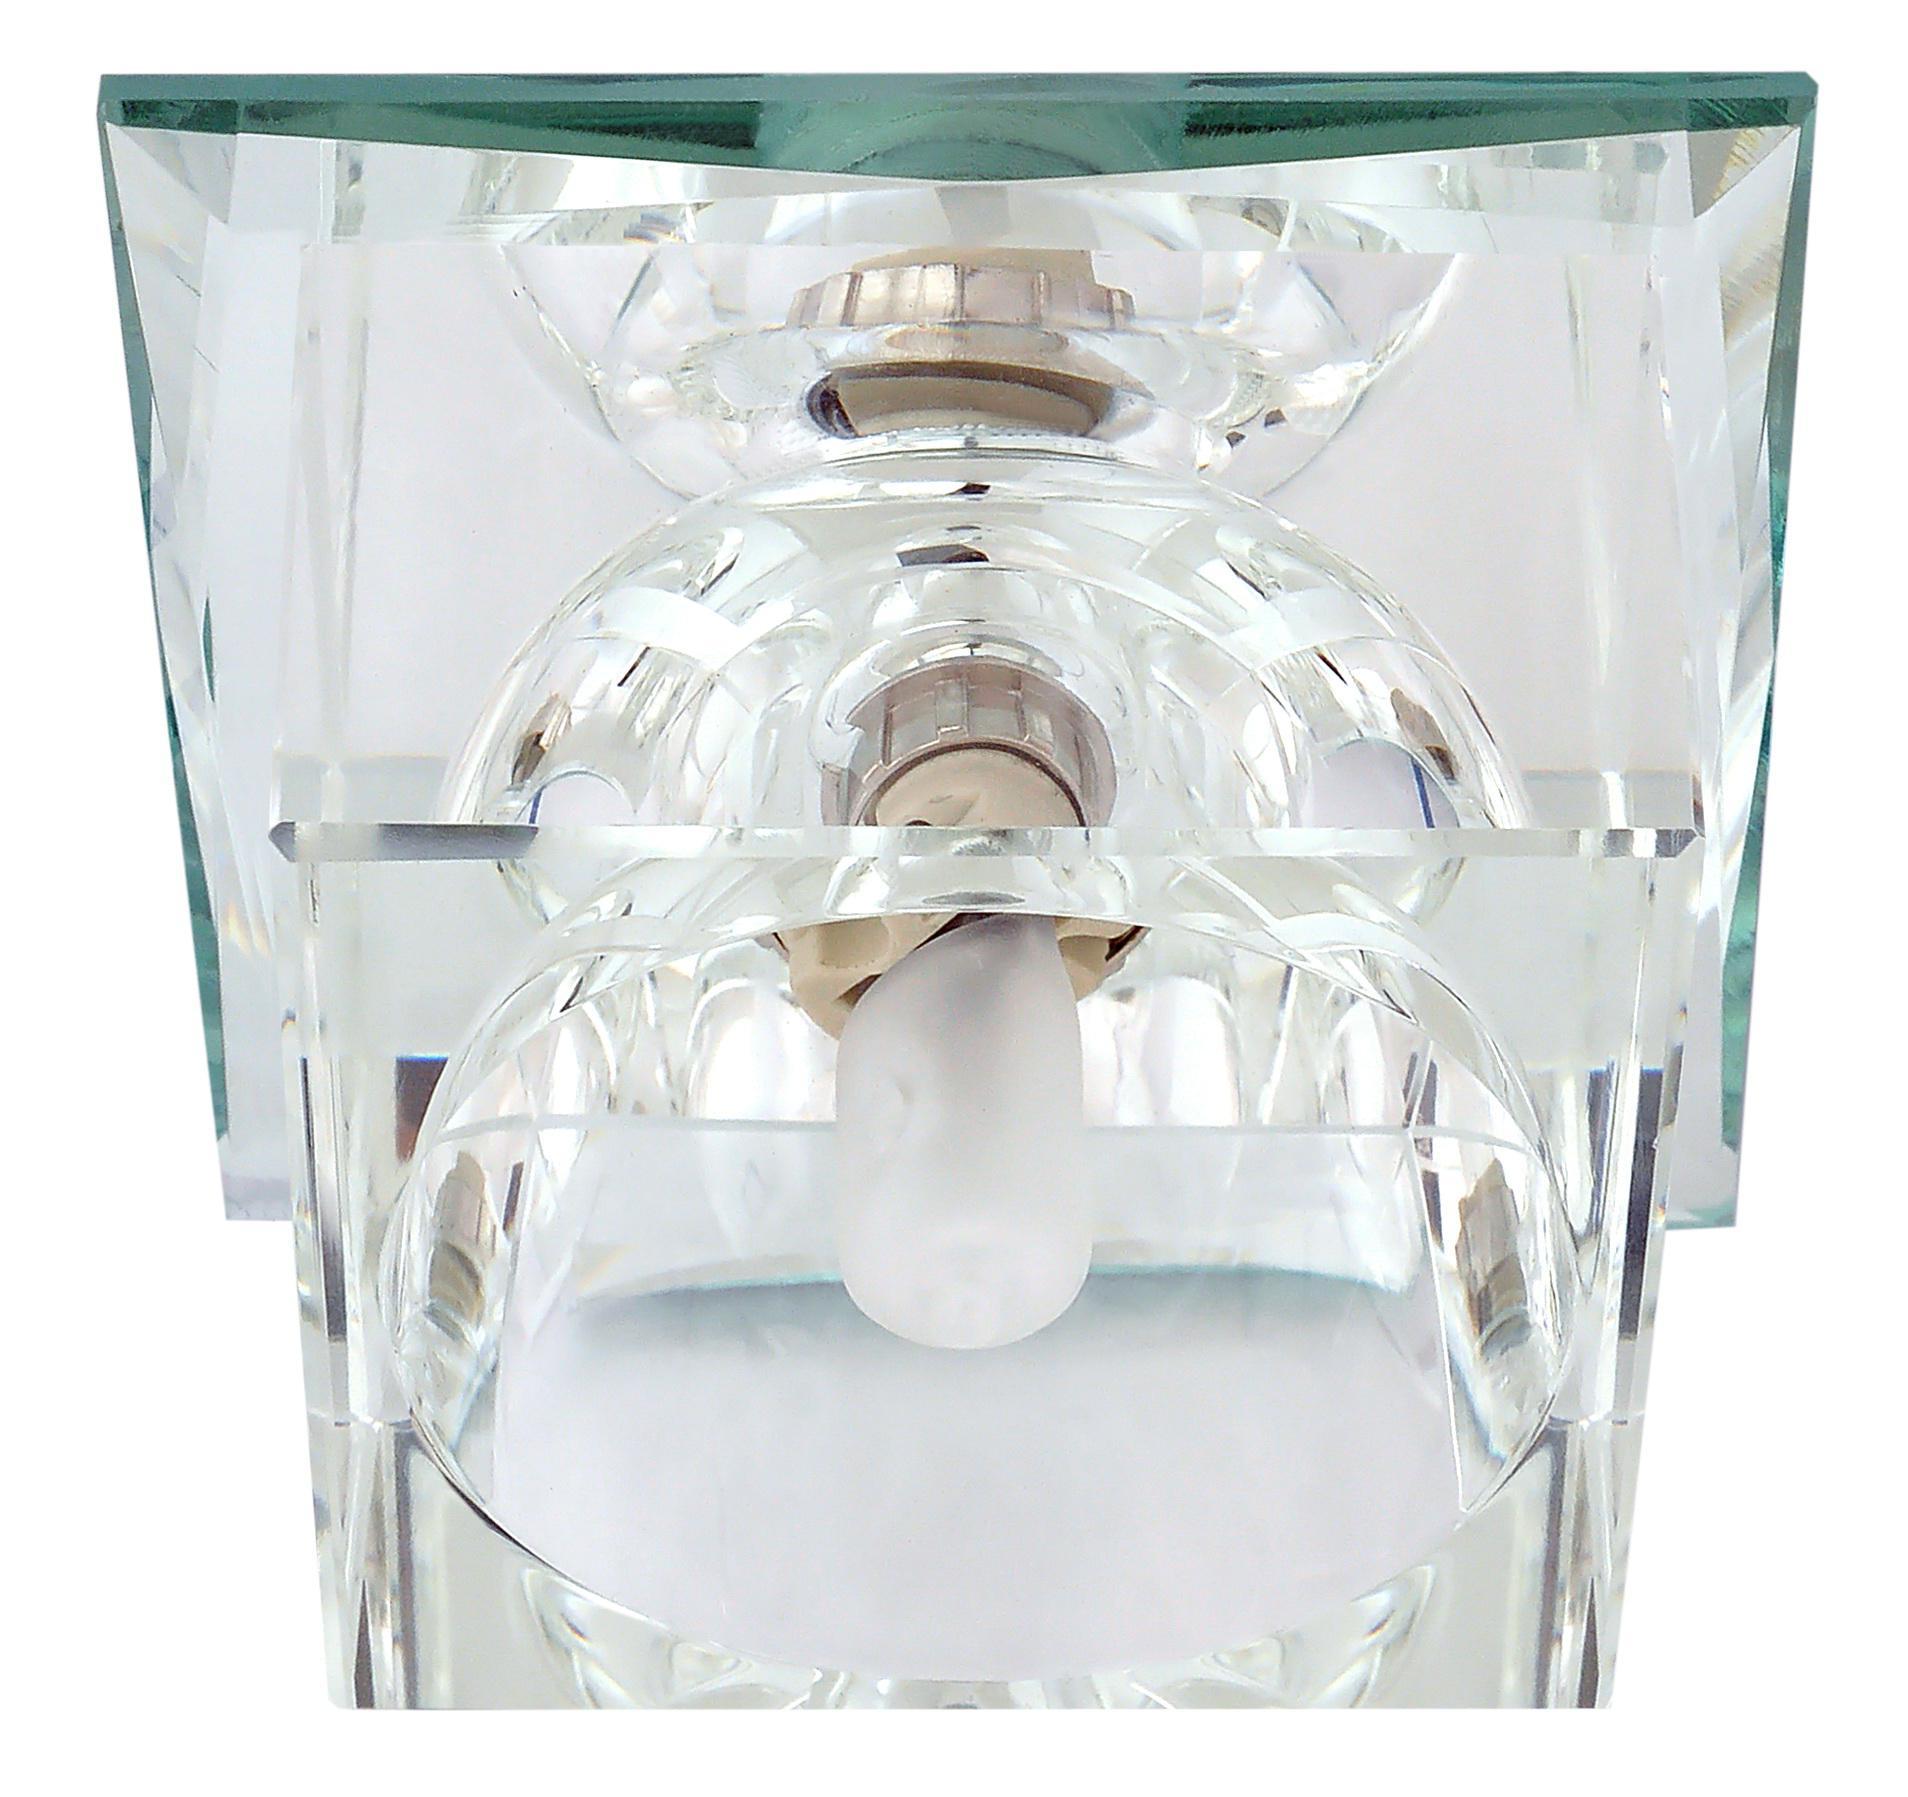 купить Светильник De fran Ft 9256 c куб серебро+прозрачный по цене 509 рублей